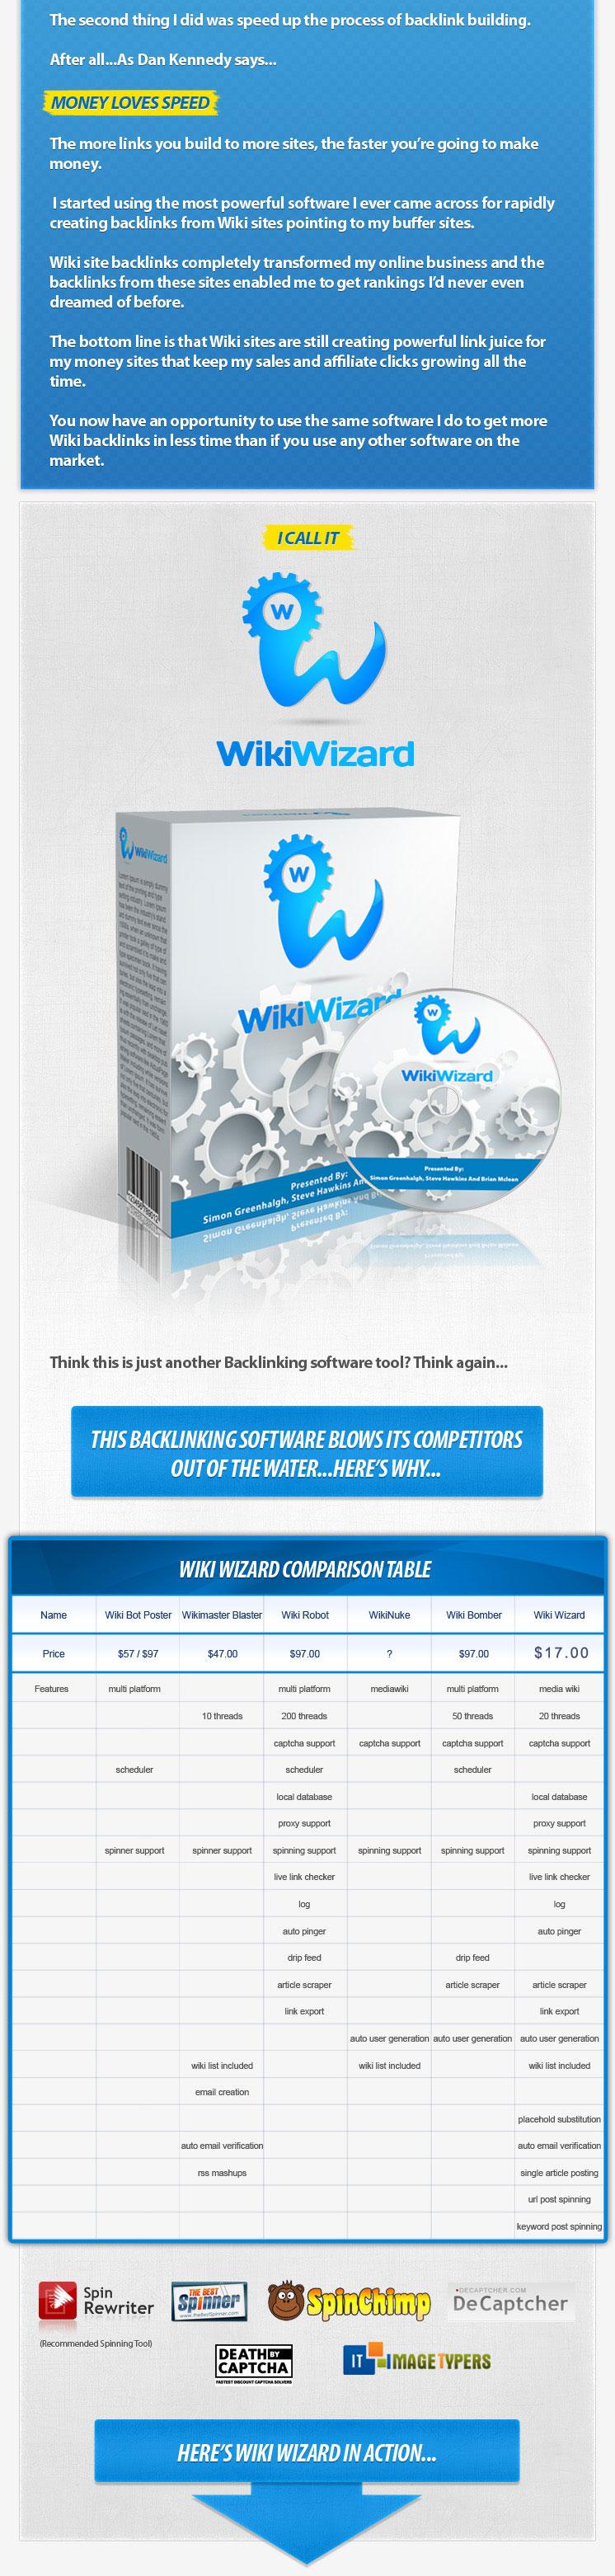 Wiki Wizard 1.2.3.0 Elite